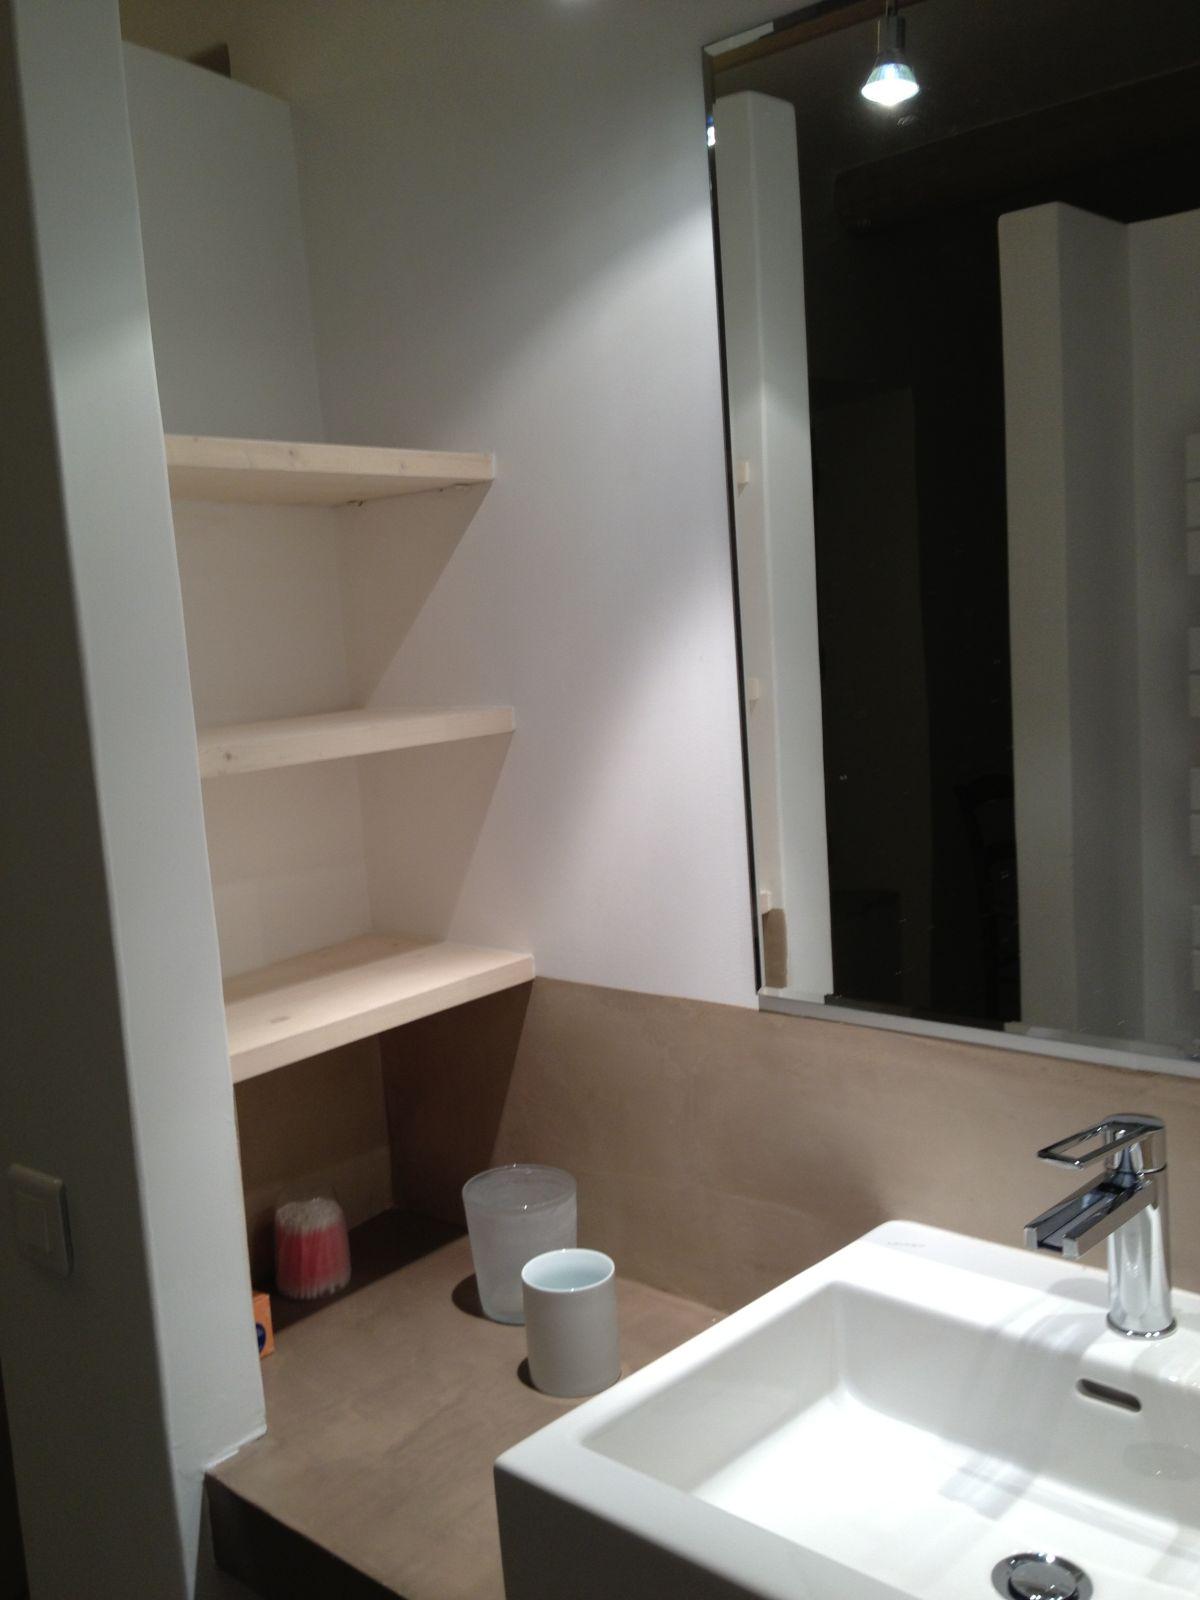 salle de bain cr e par vdo vielles demeures d 39 occitanie entreprise r novation situ e dans le. Black Bedroom Furniture Sets. Home Design Ideas